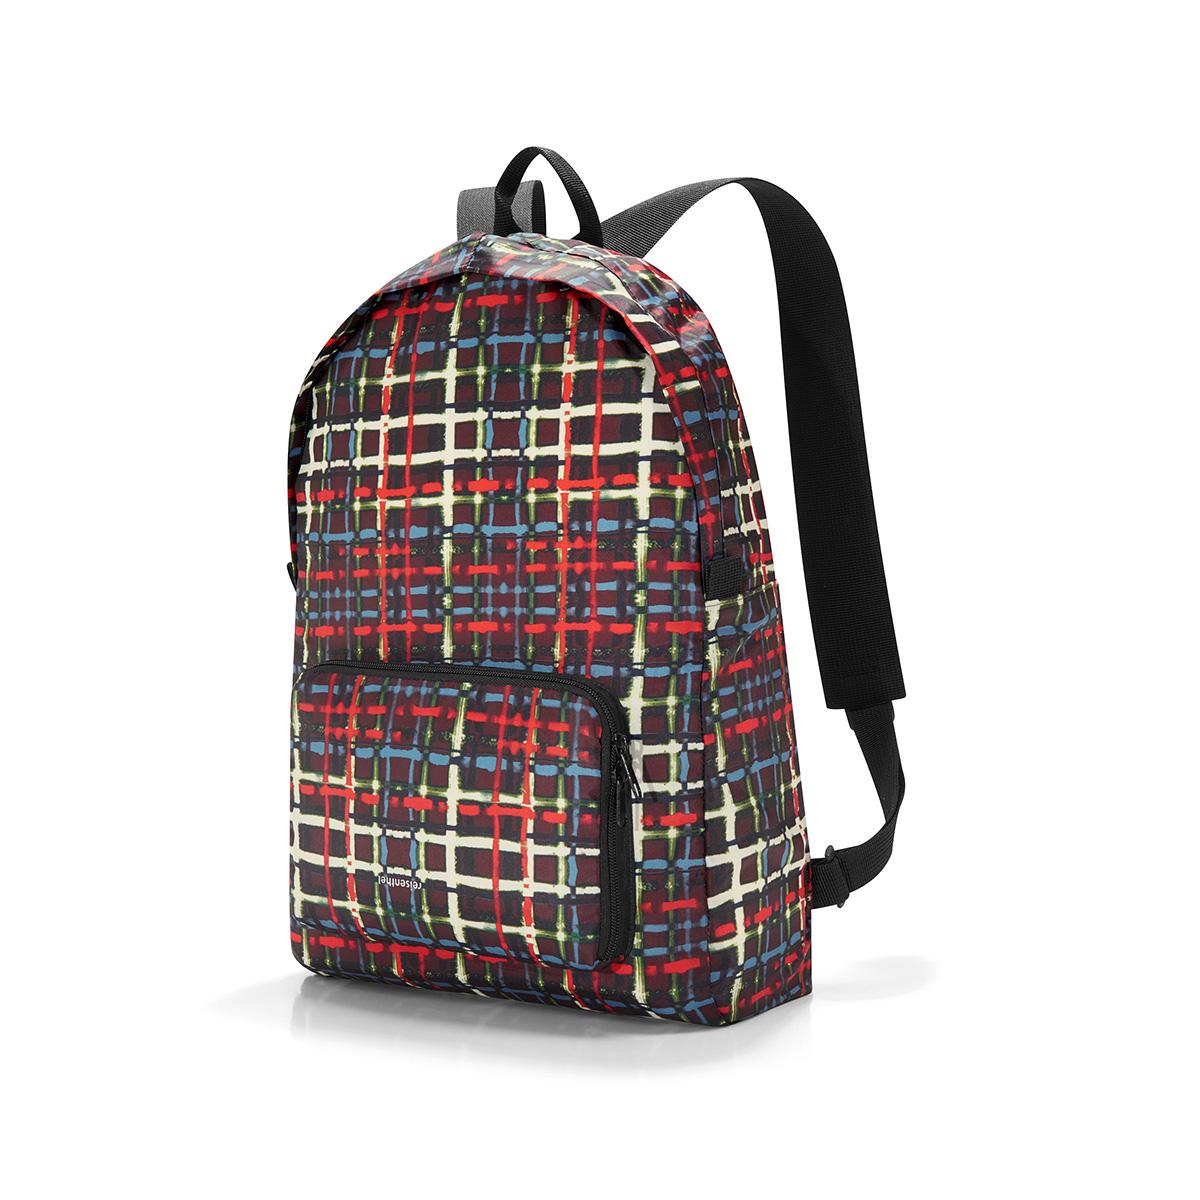 Рюкзак складной Reisenthel, цвет: бордовый. AP7036AP7036Находка для путешествий и походов в магазины: рюкзак, способный уместиться в маленький чехол. Он легко складывается в собственный внешний карман, так что вы всегда можете брать его с собой на всякий случай. Вмещает 14 литров. Широкие лямки позволяют распределить нагрузку равномерно, так что вам не страшны килограммы картошки и тяжелые книги.